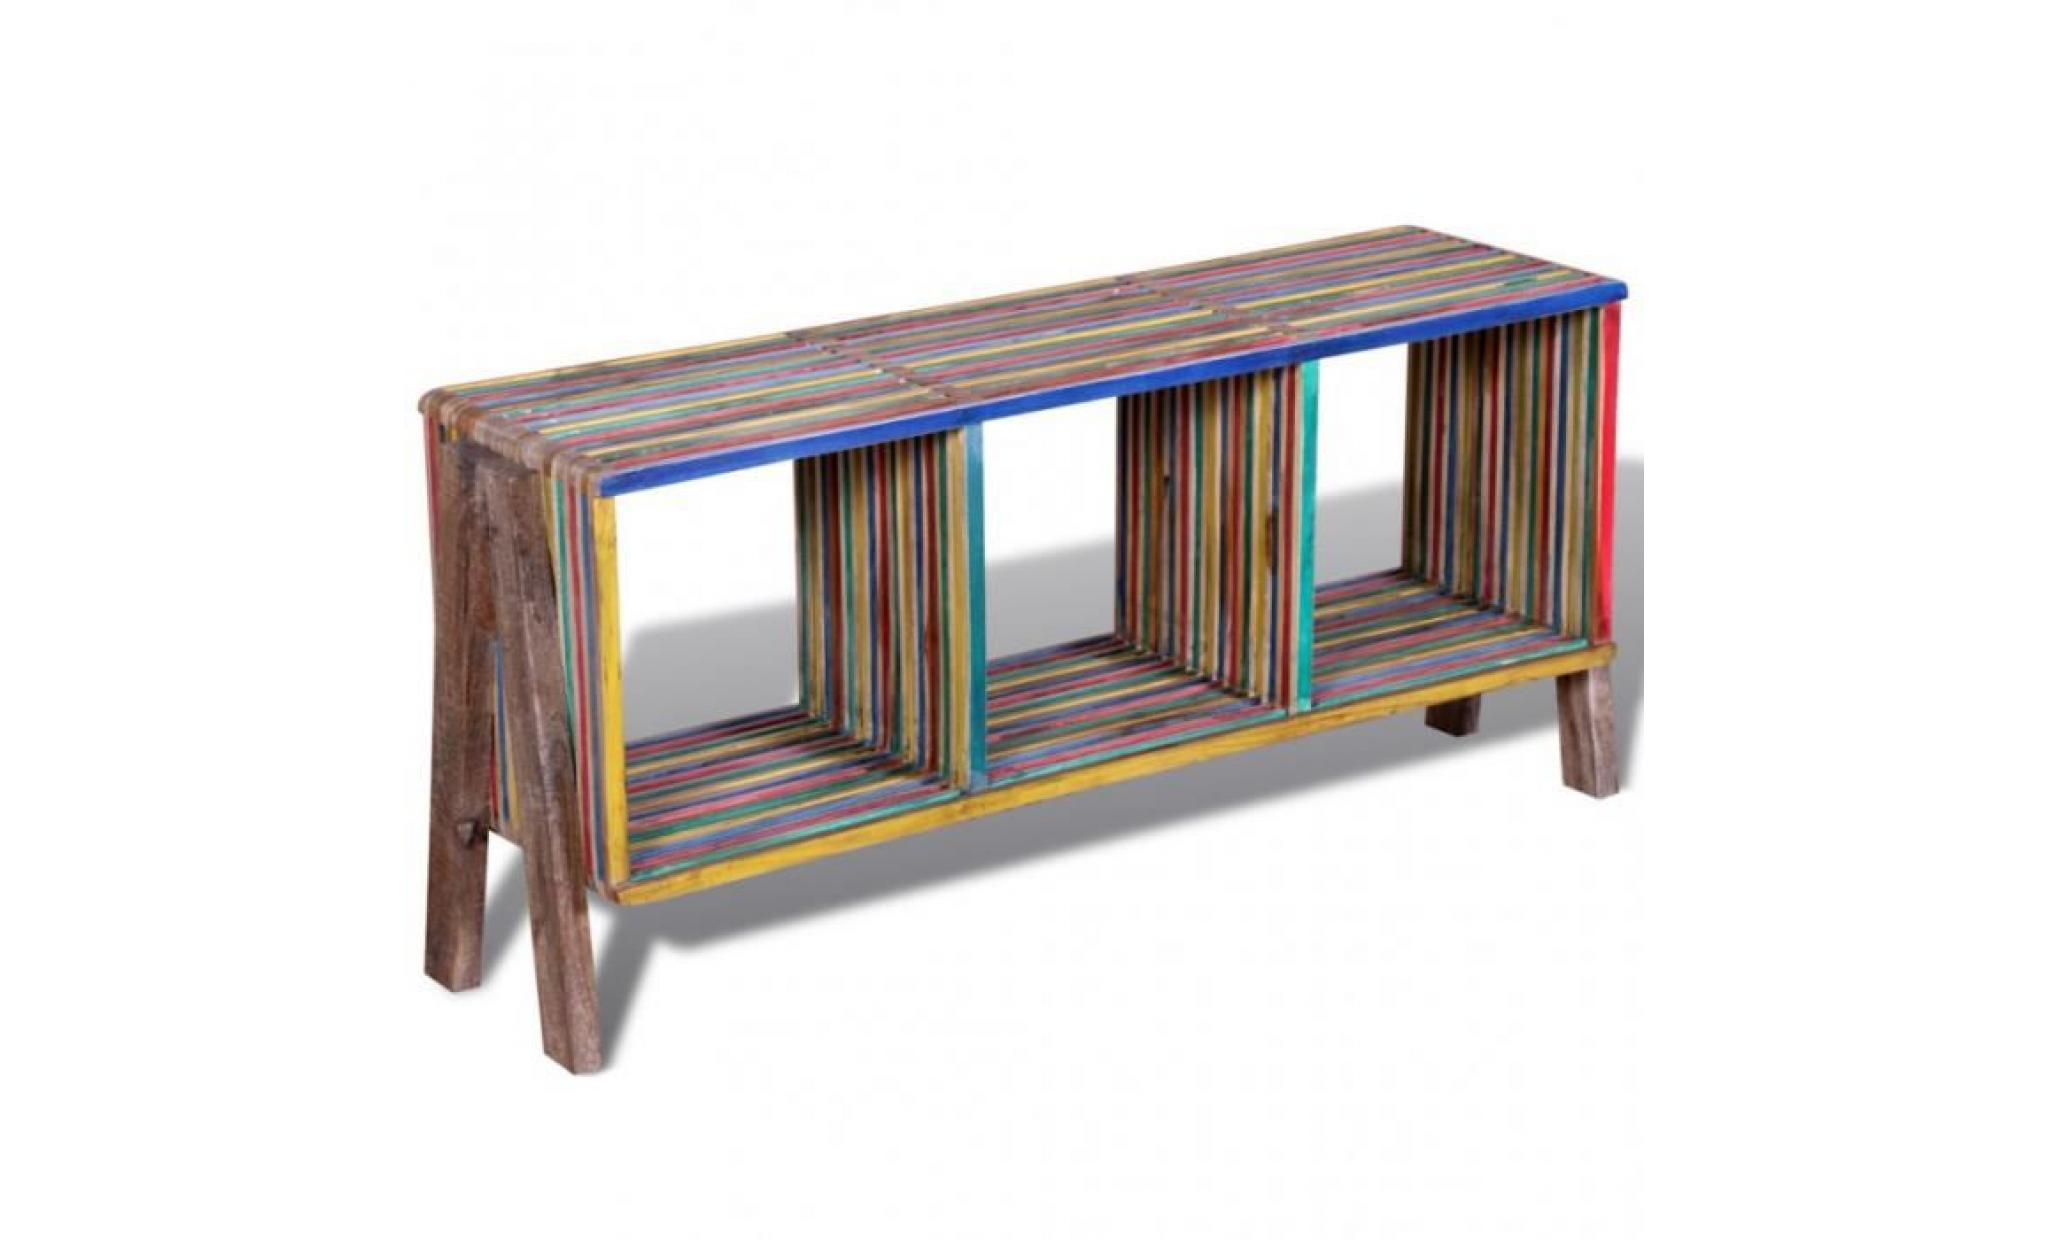 meuble tv empilable colore en teck recycle avec 3 etageres achat vente meuble tv pas cher couleur et design fr